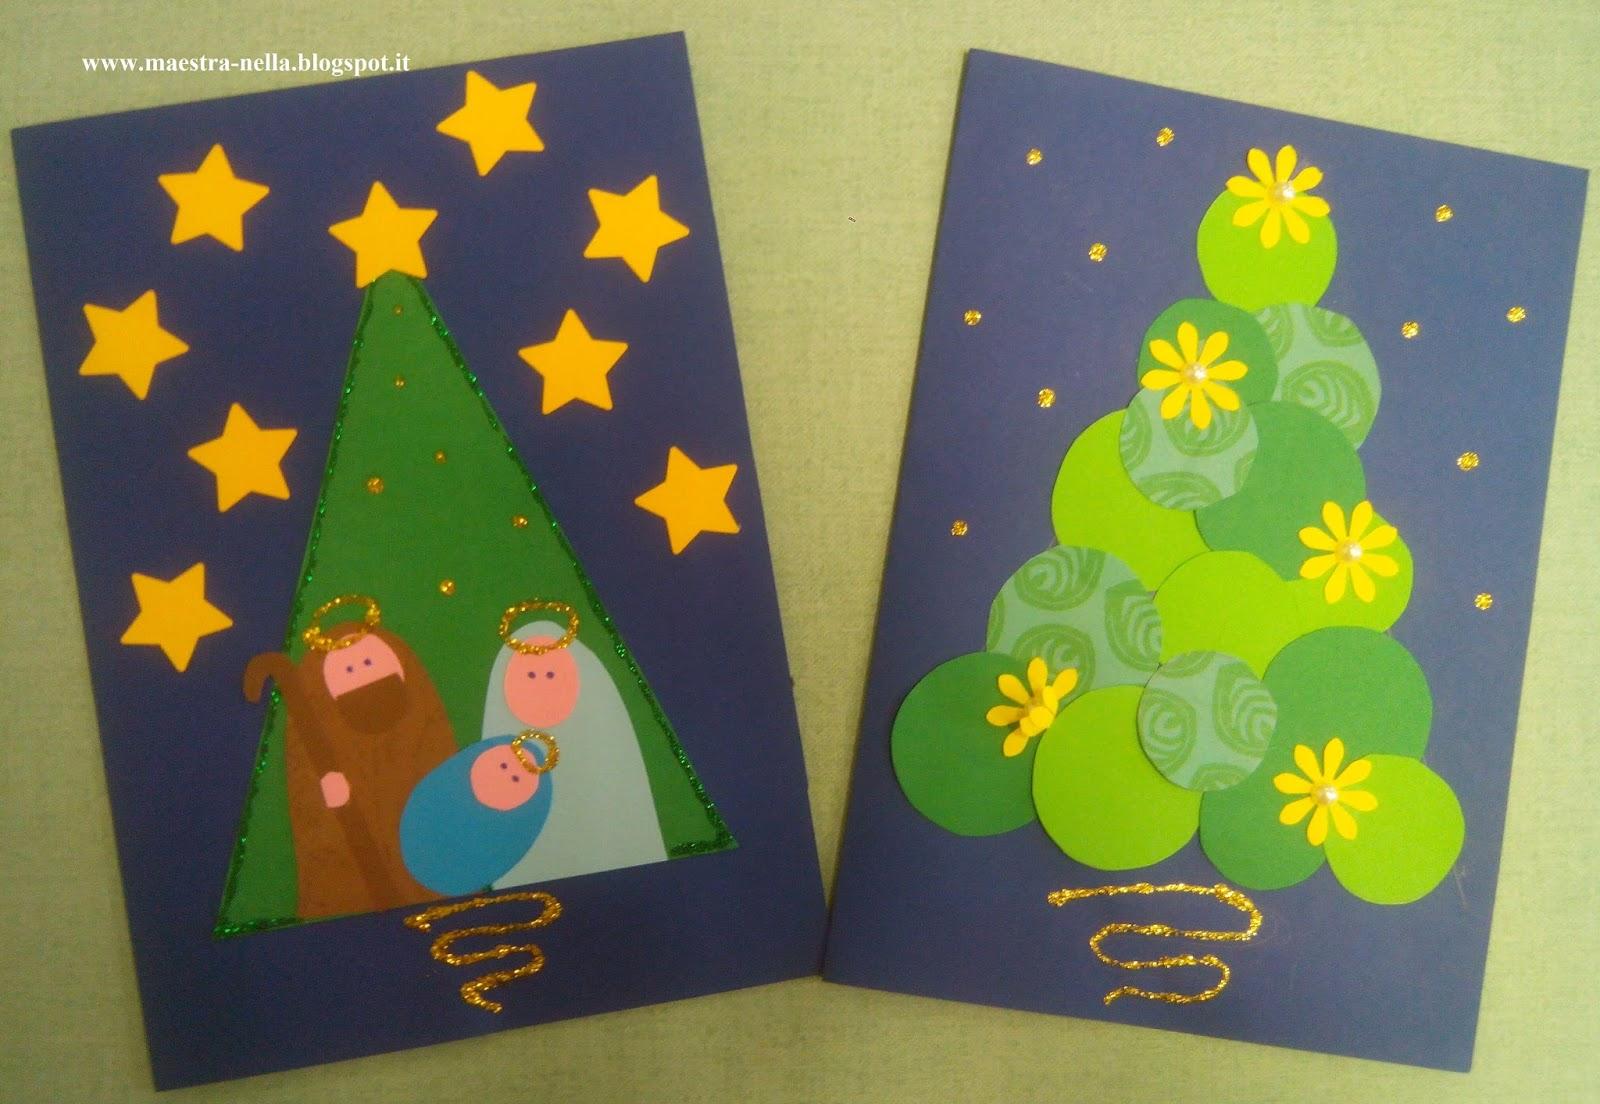 Popolare maestra Nella: biglietti di Natale VL52